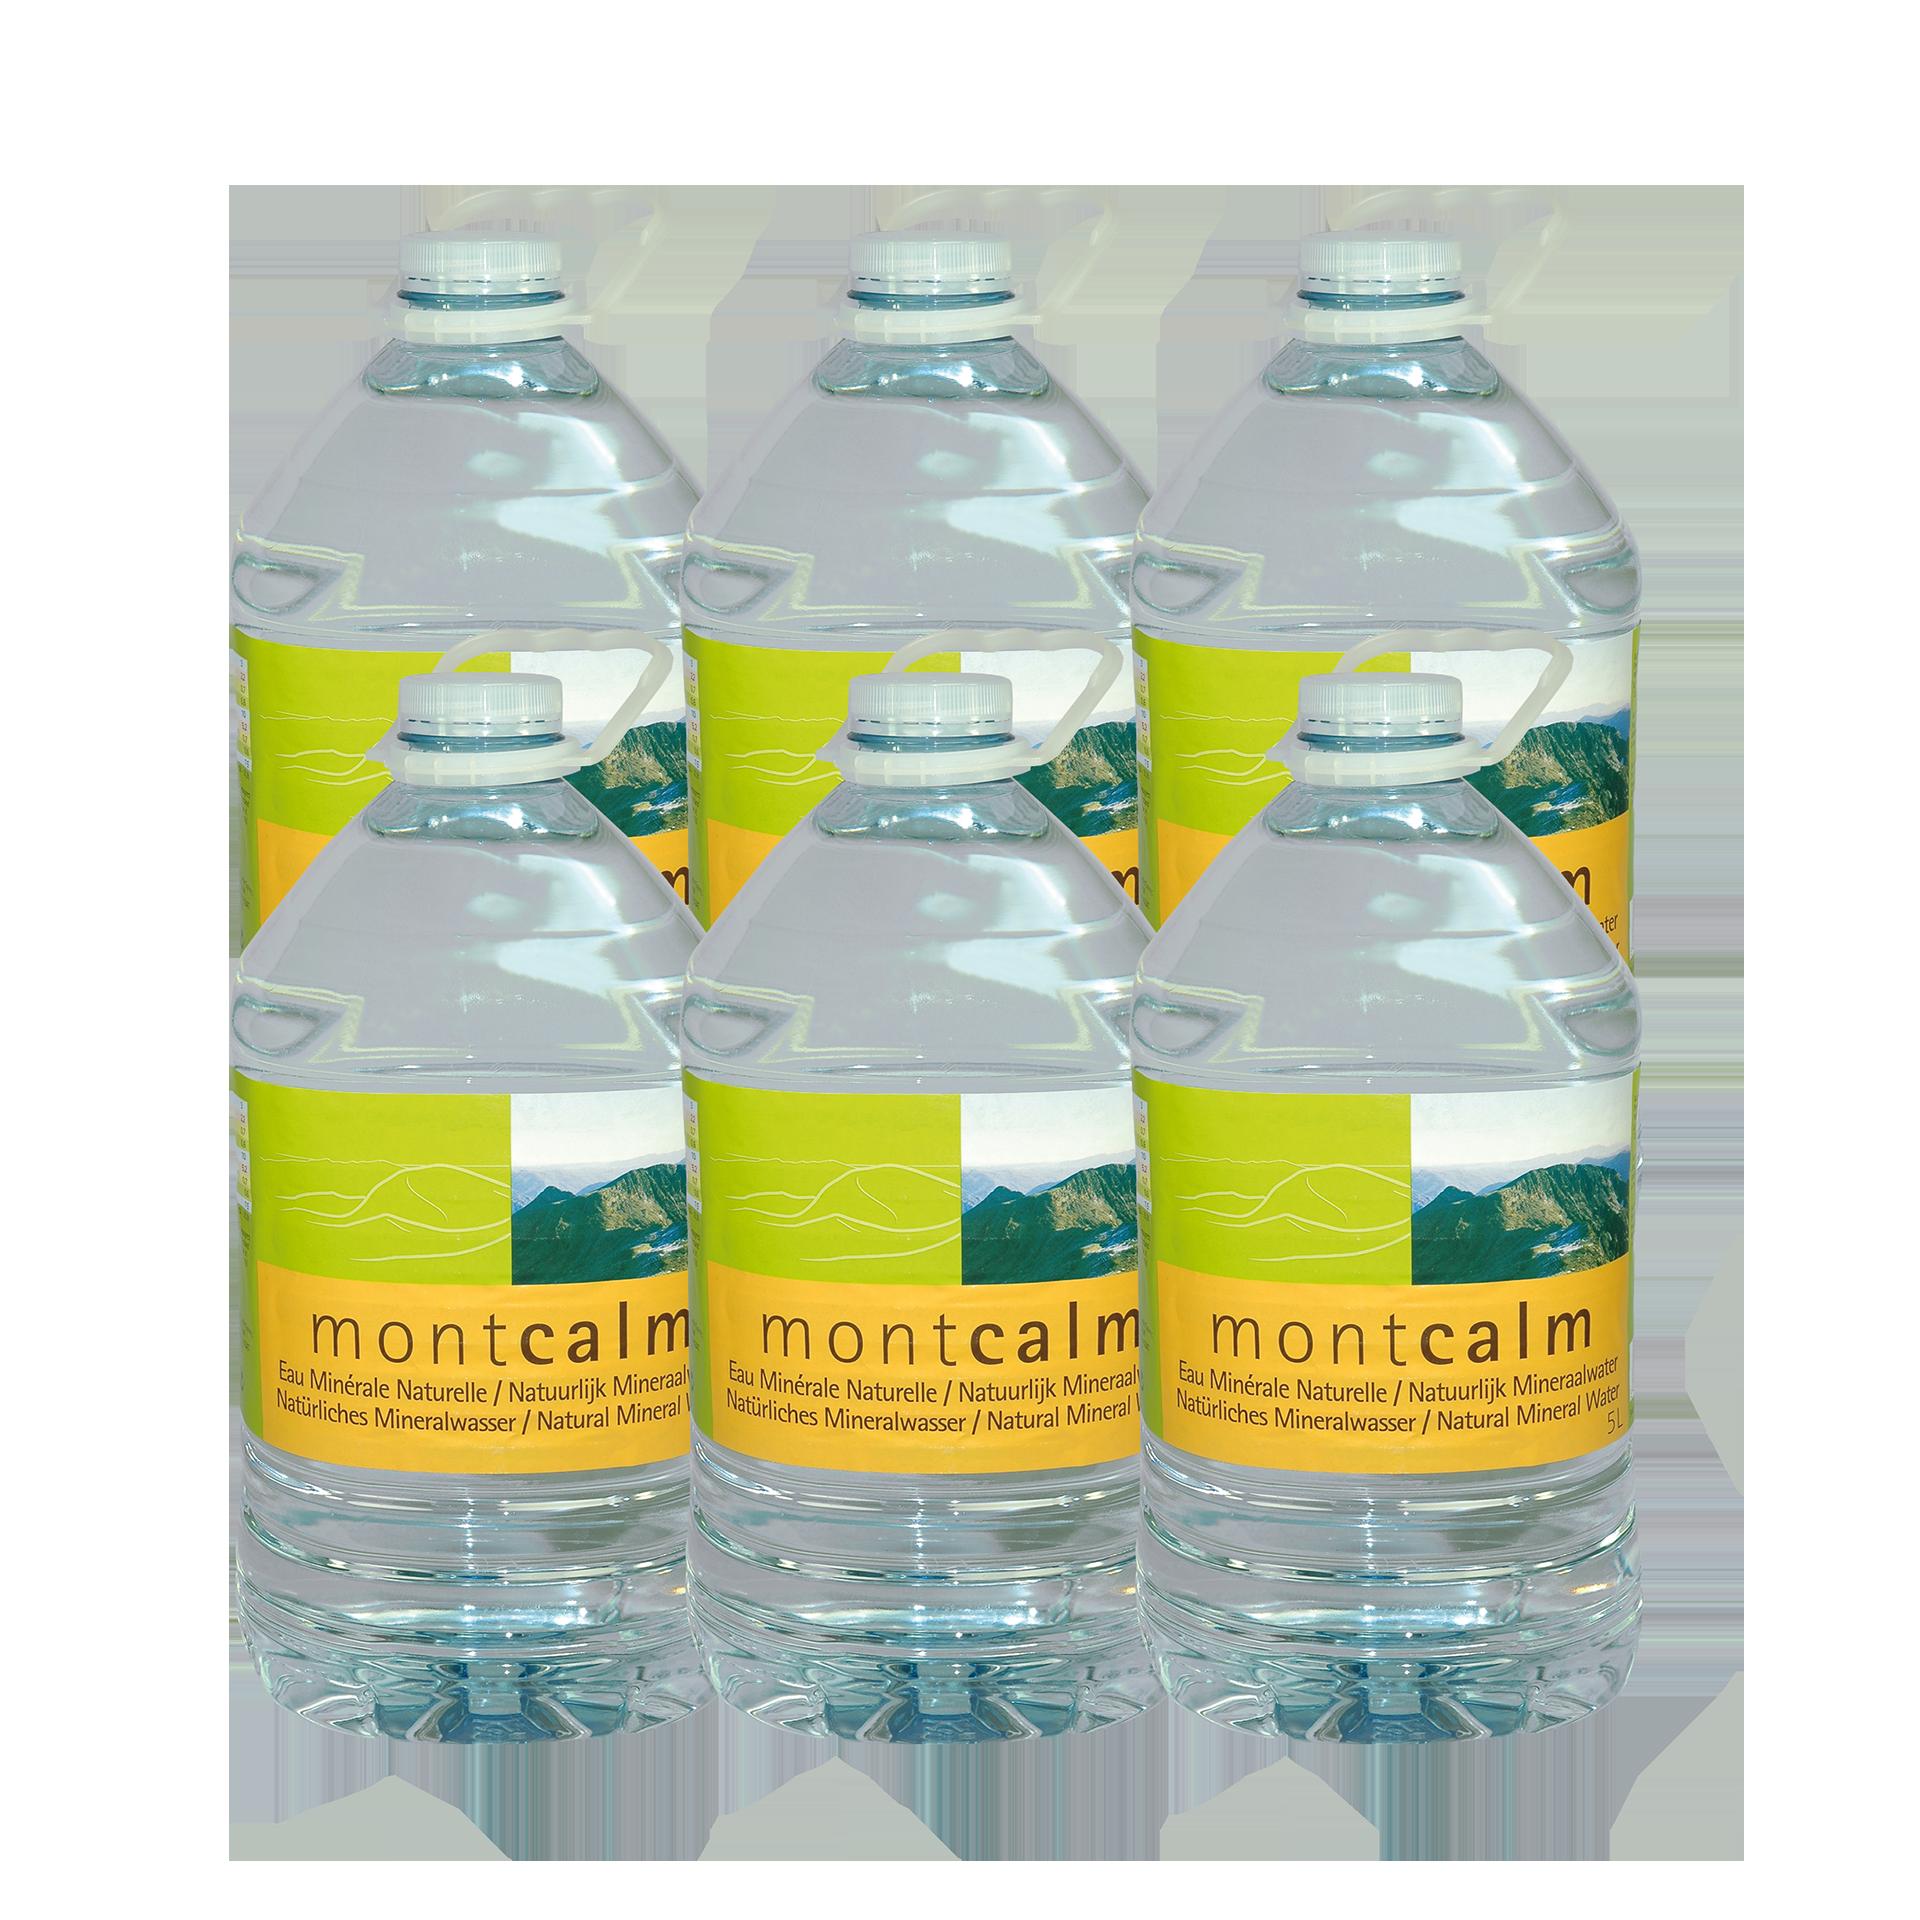 Montcalm-Mineralwasser, 6x5 Liter - Sie sparen 1,60 Euro